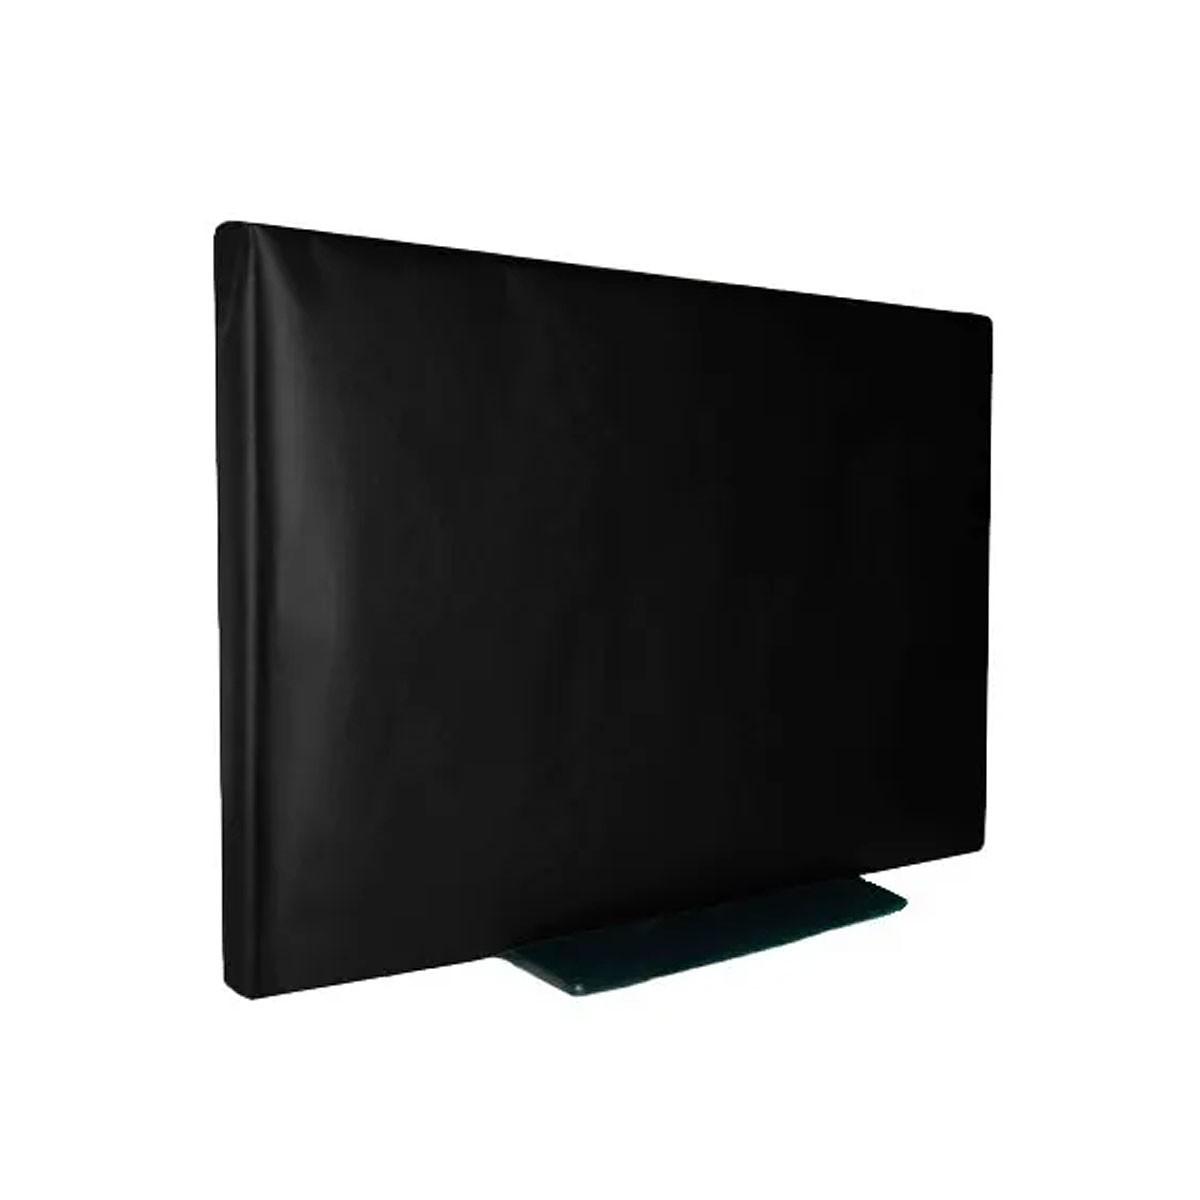 """Capa De Luxo Em Corino Para TV LED 40"""" - Aberta Atrás para TV em Suporte De Parede"""